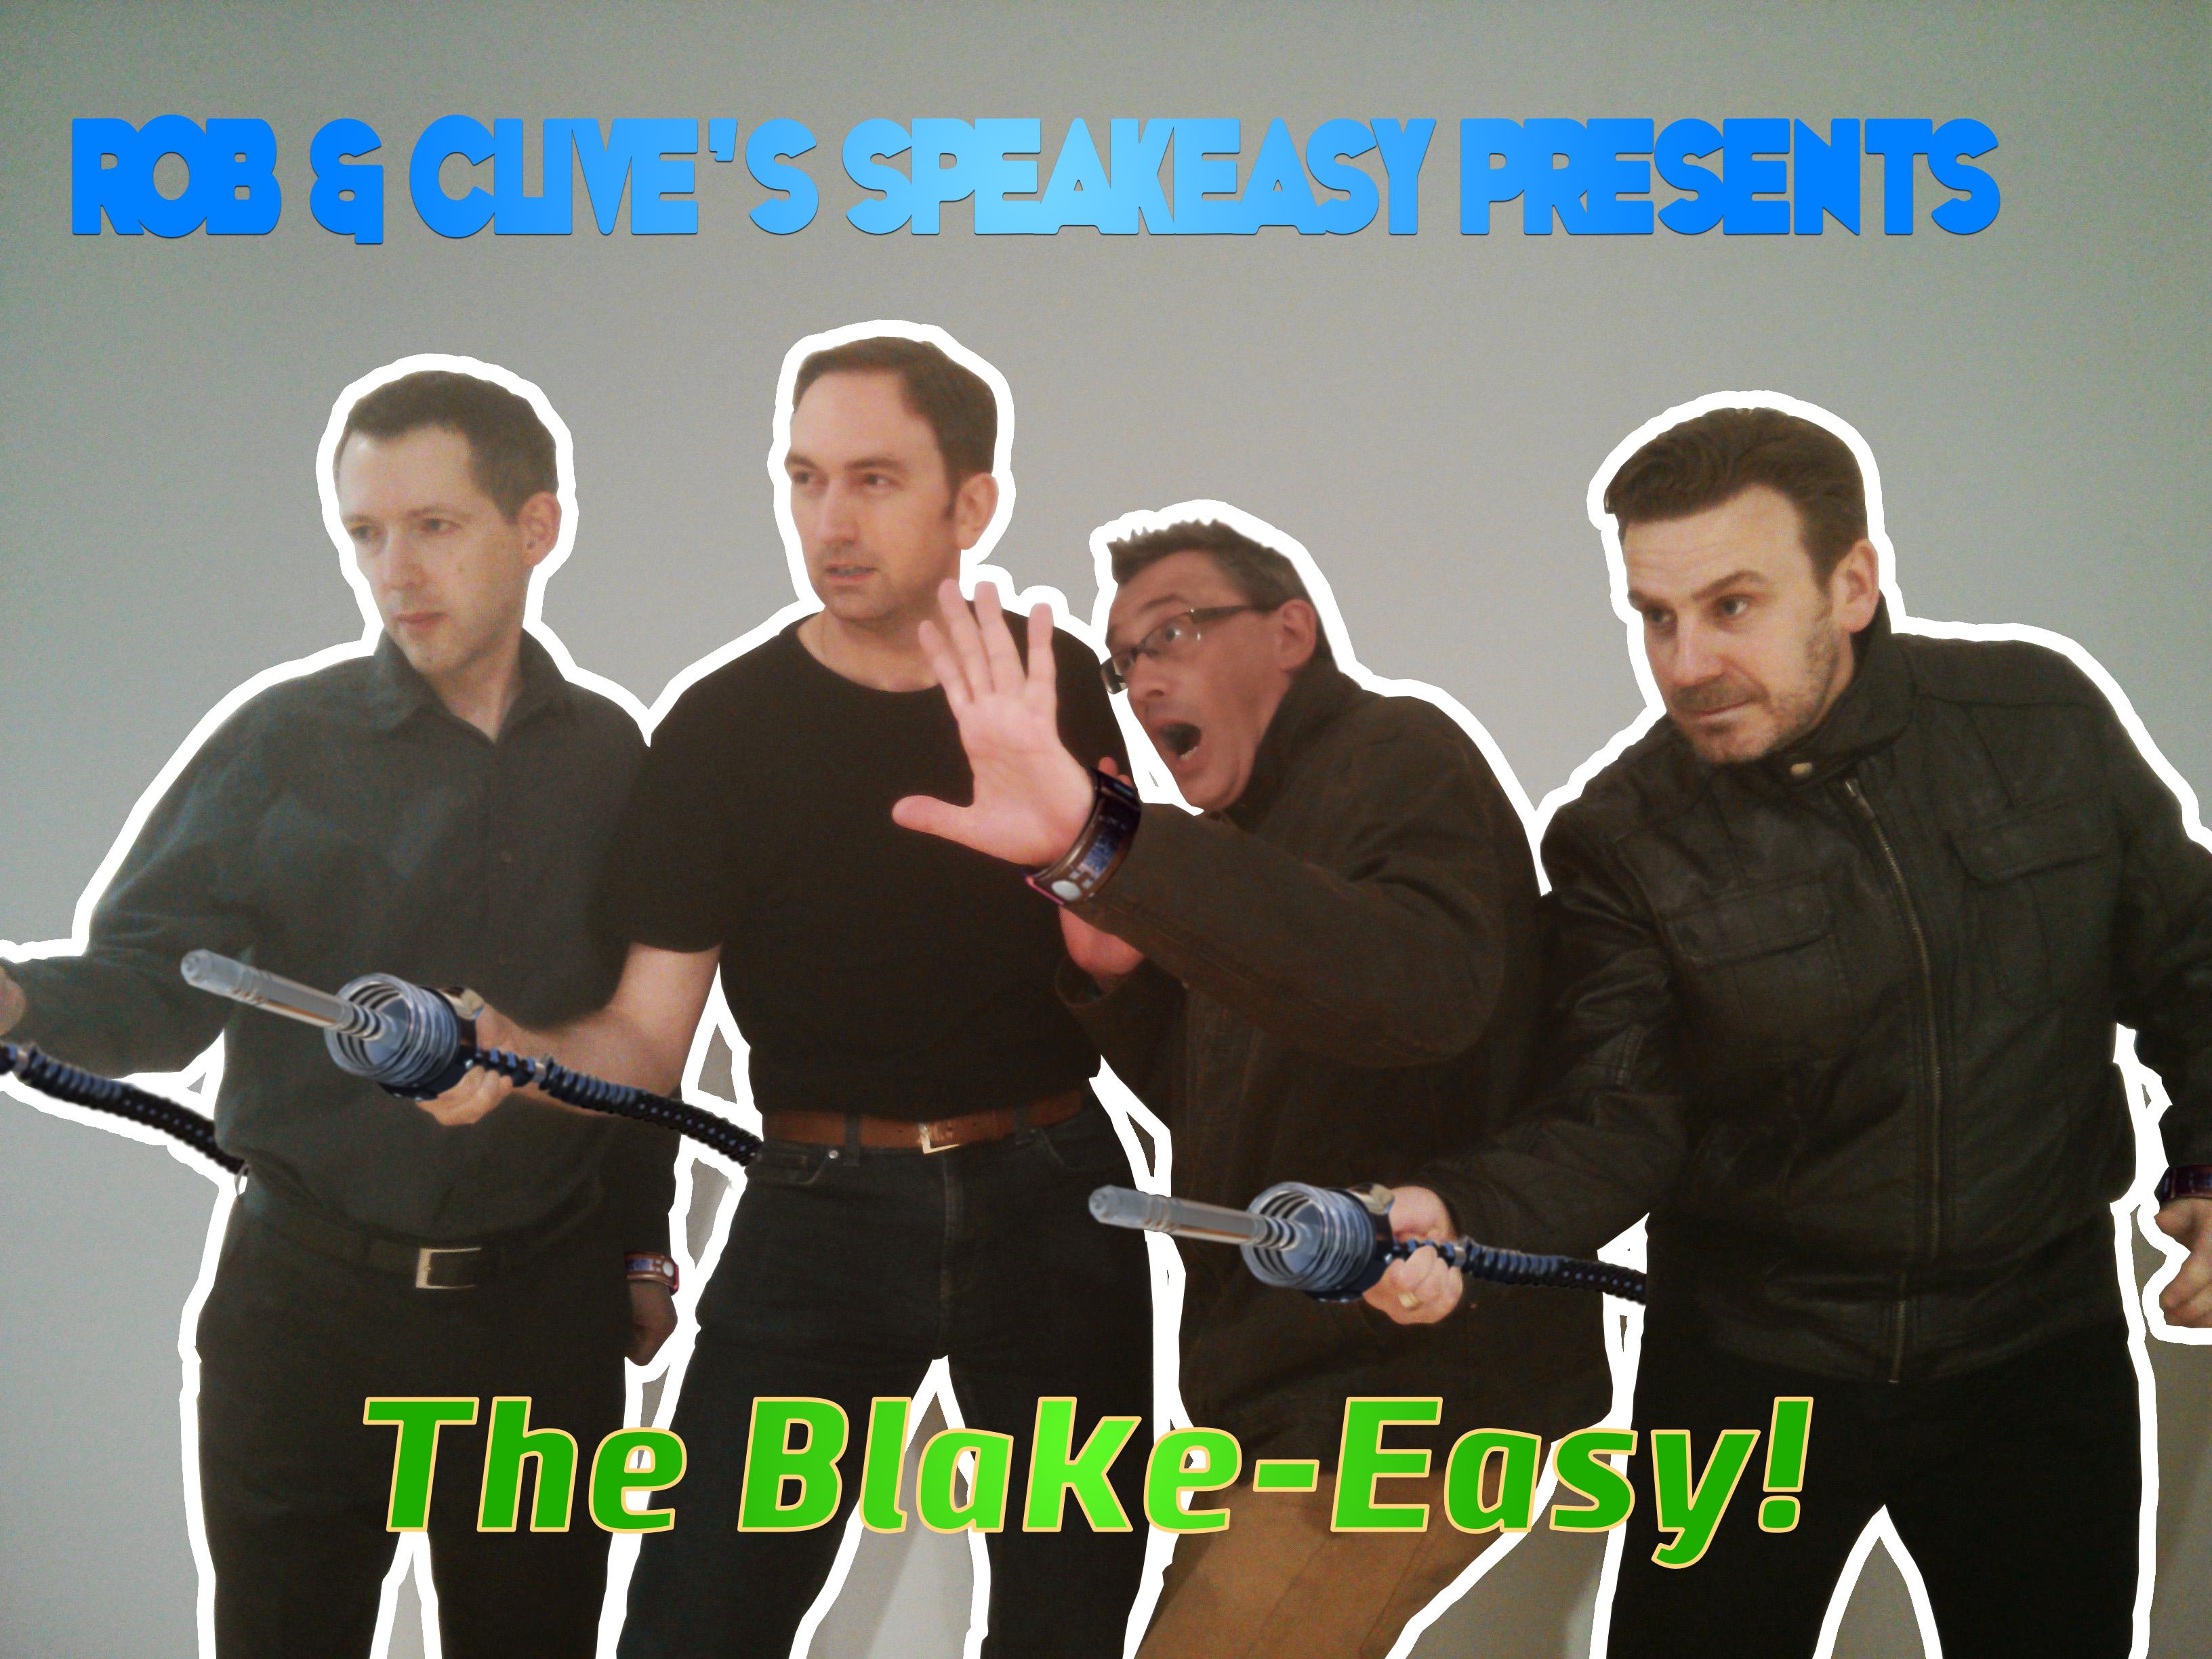 Artwork for The Blake-easy